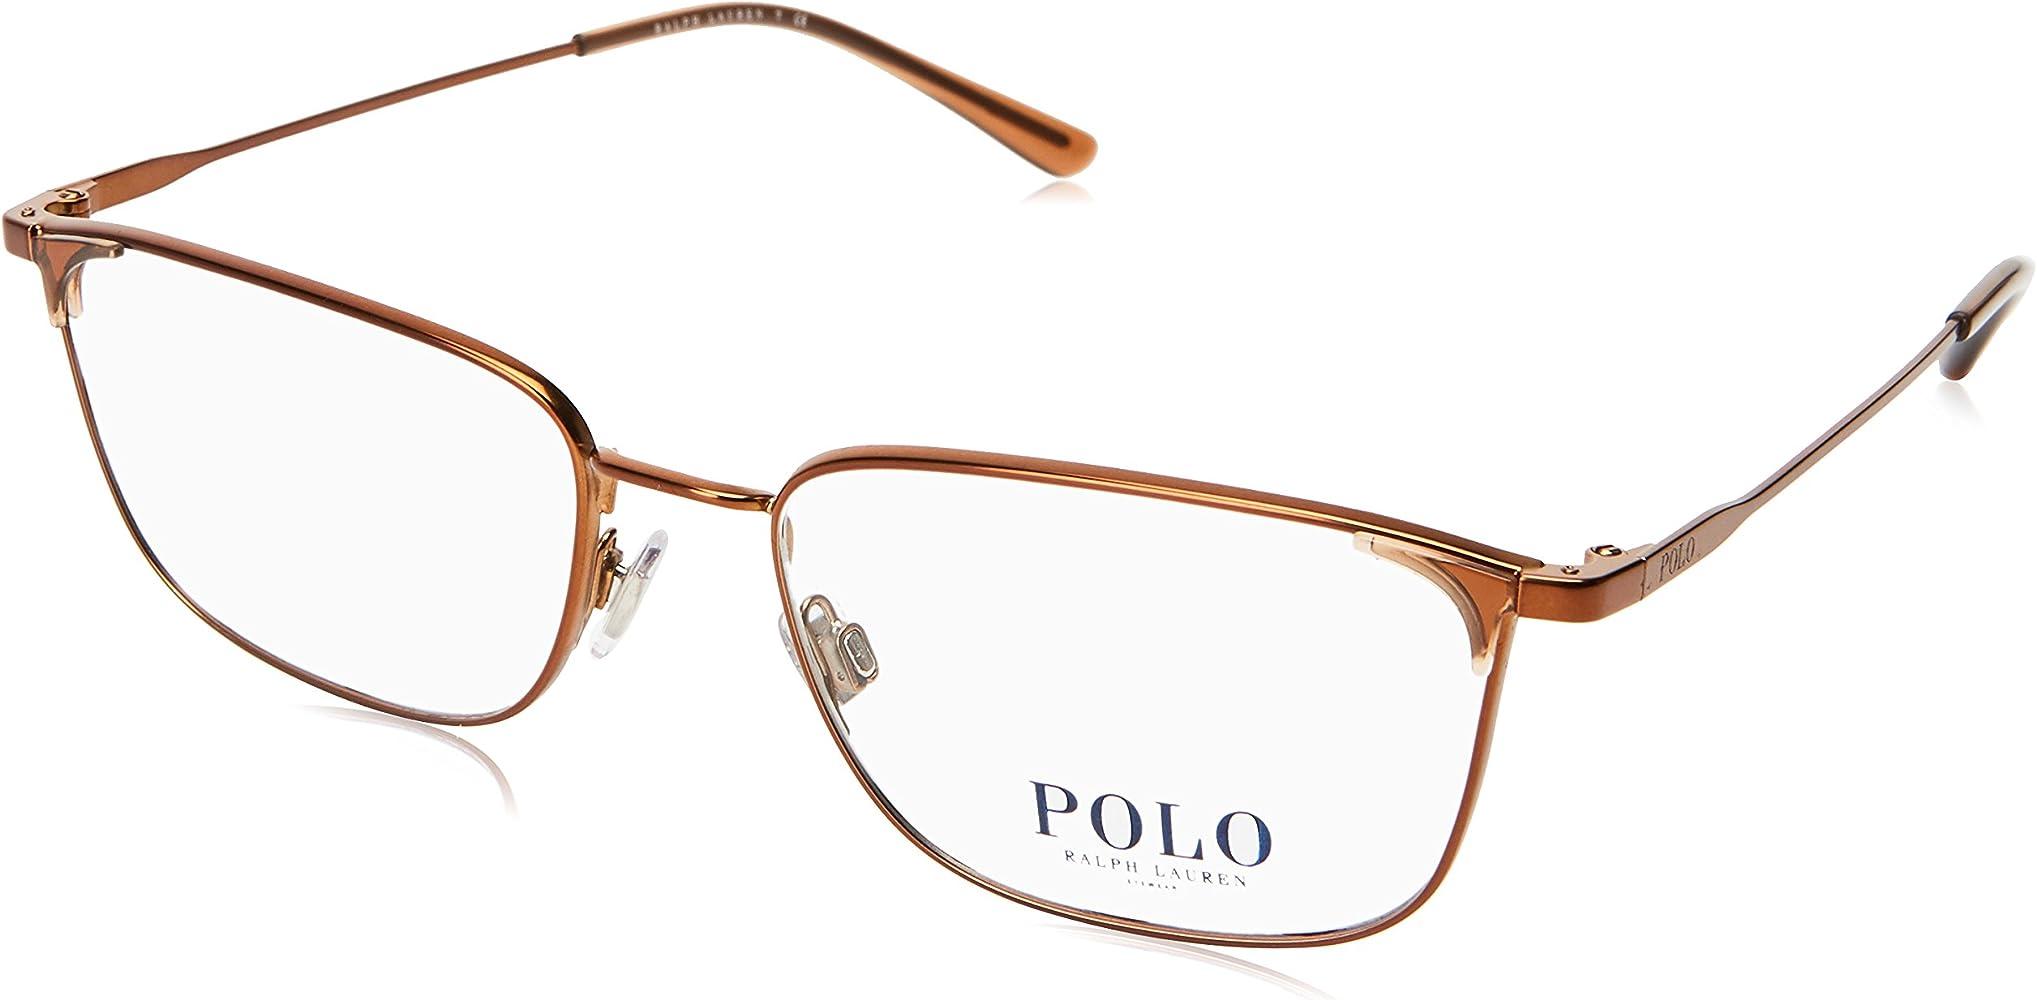 Polo Ralph Lauren 0PH1173, Monturas de Gafas para Hombre, Marrón ...